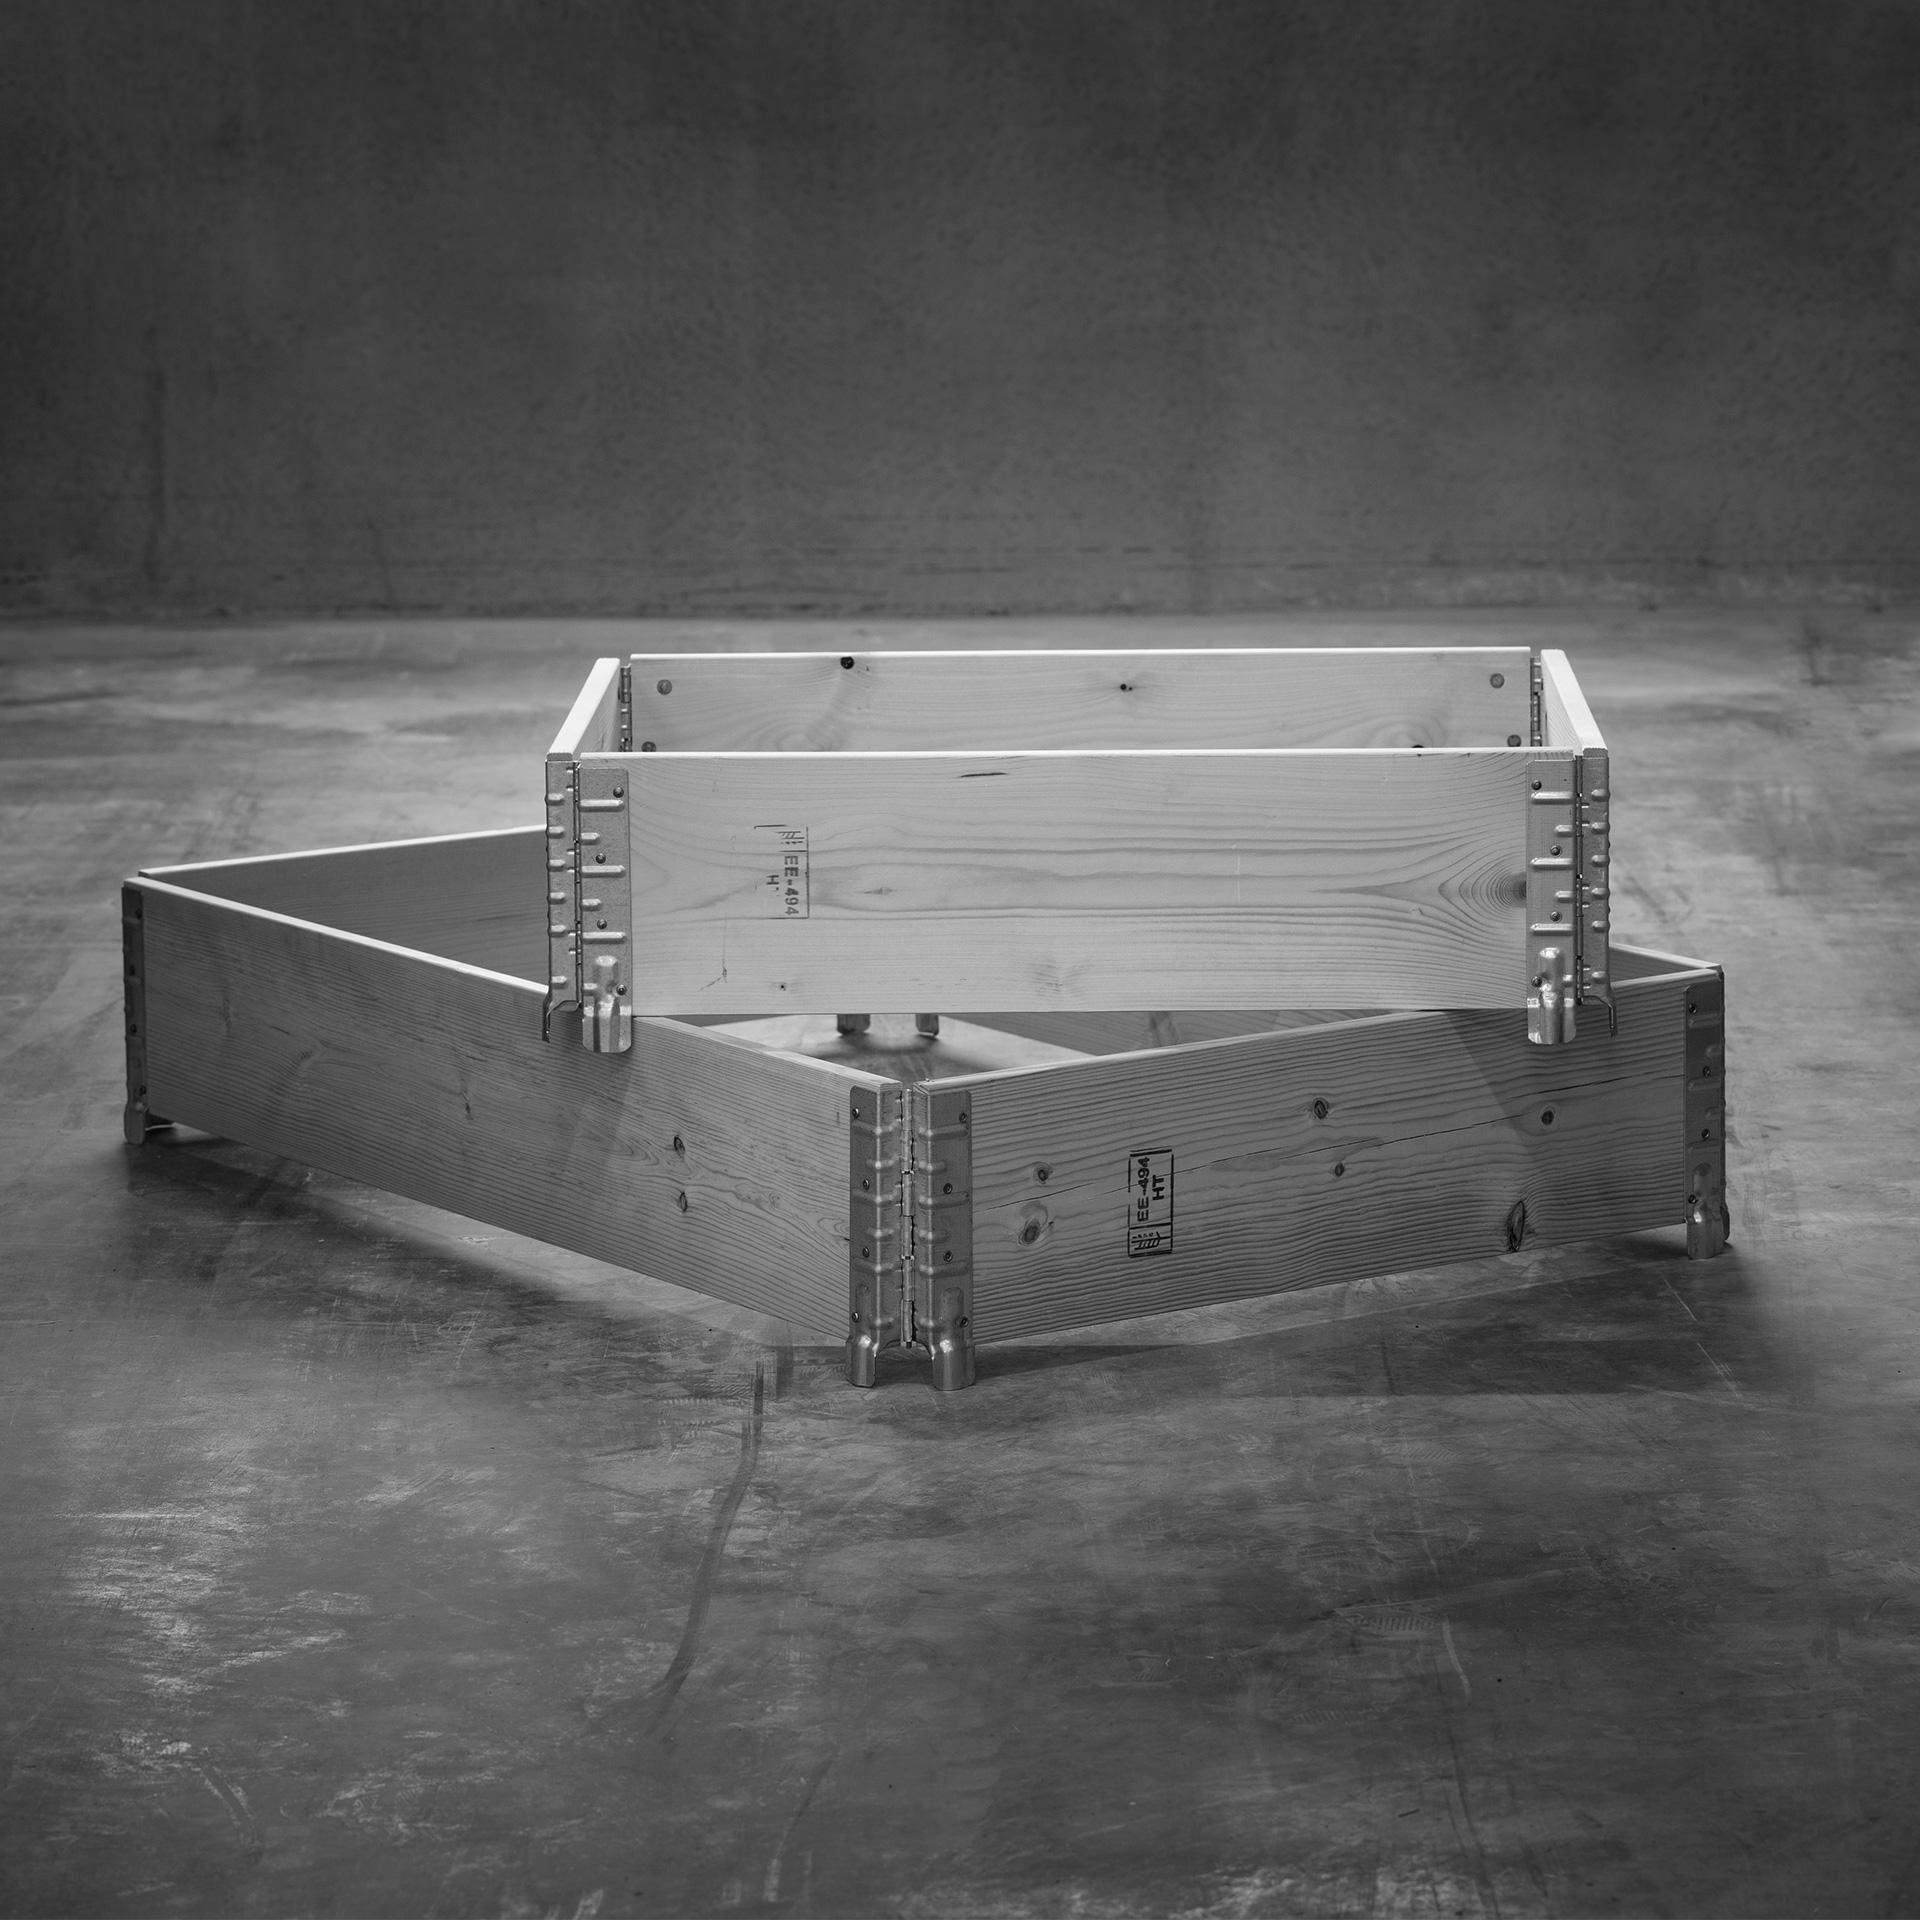 Pallkrage för halvpall ovanpå en pallkrage för helpall, stående på ett betonggolv.